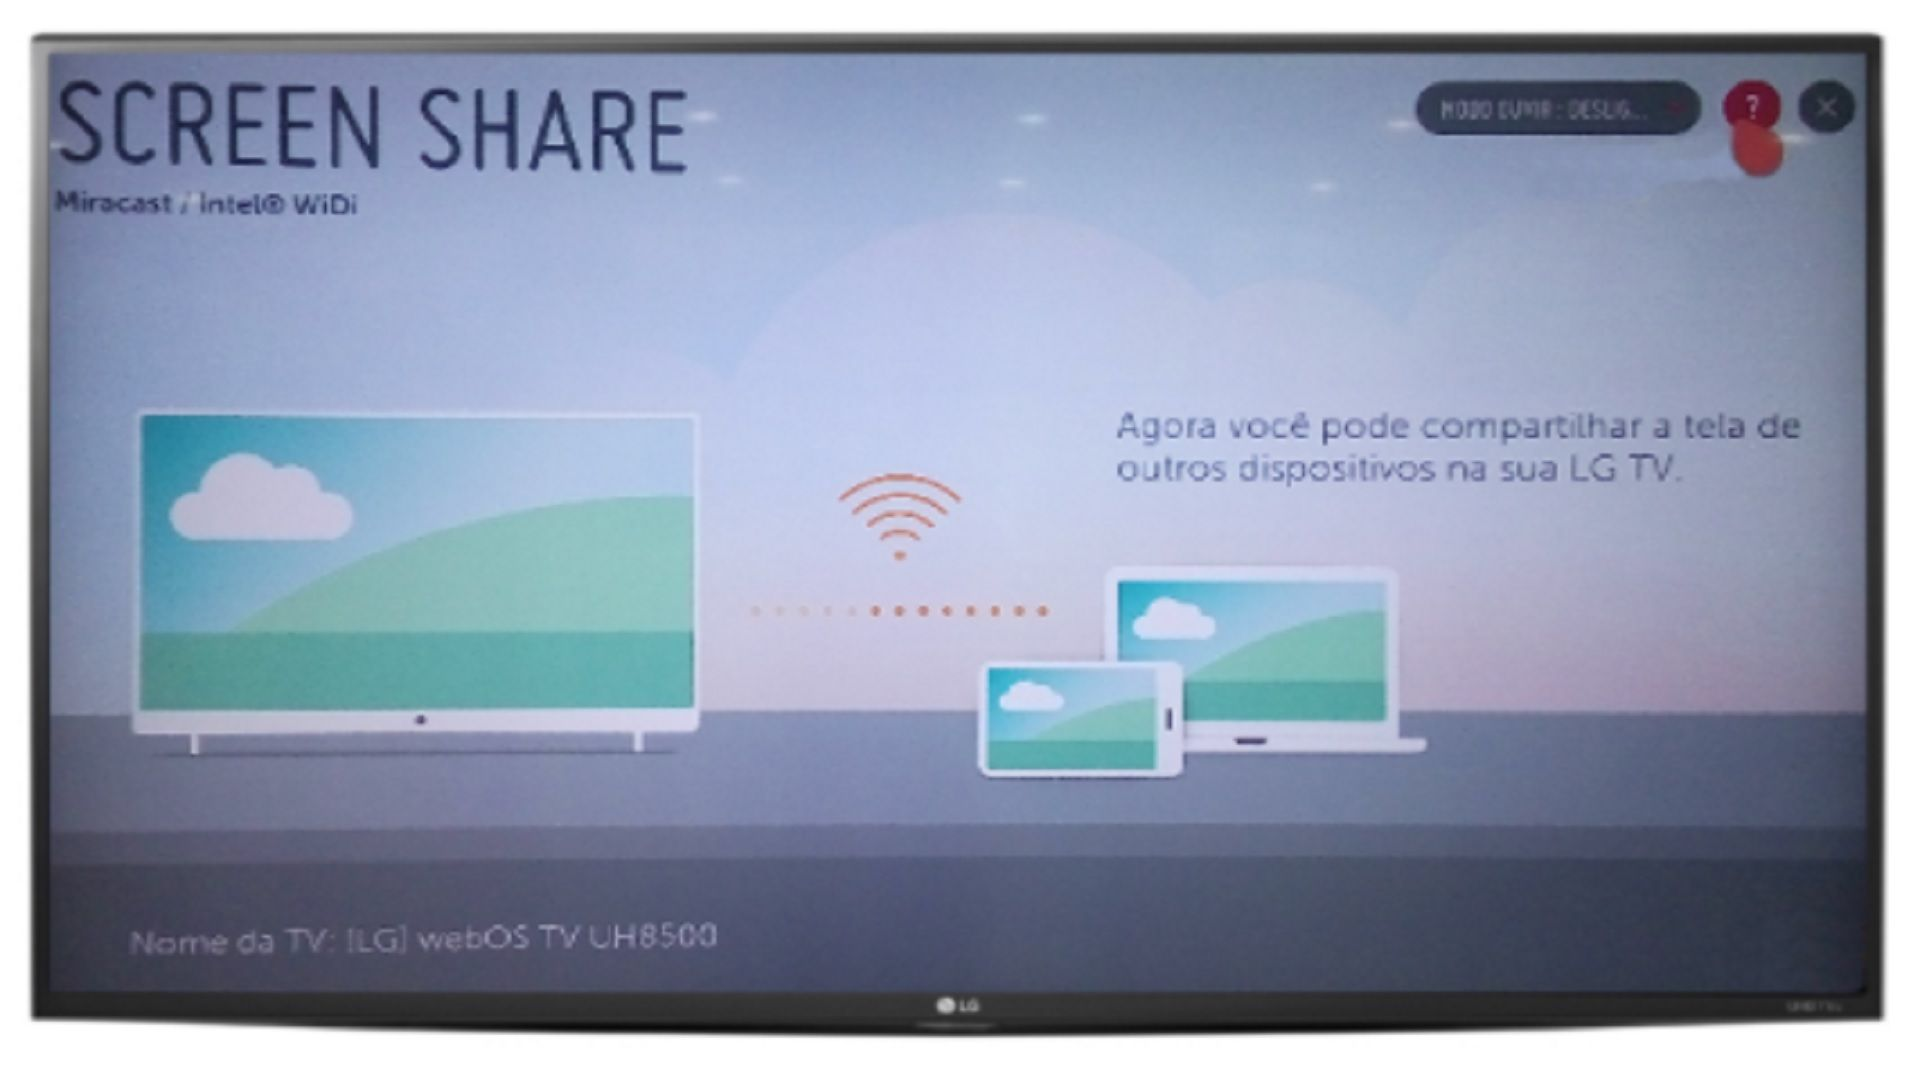 Abra o Screen Share na sua TV LG (Imagem: Divulgação/LG)